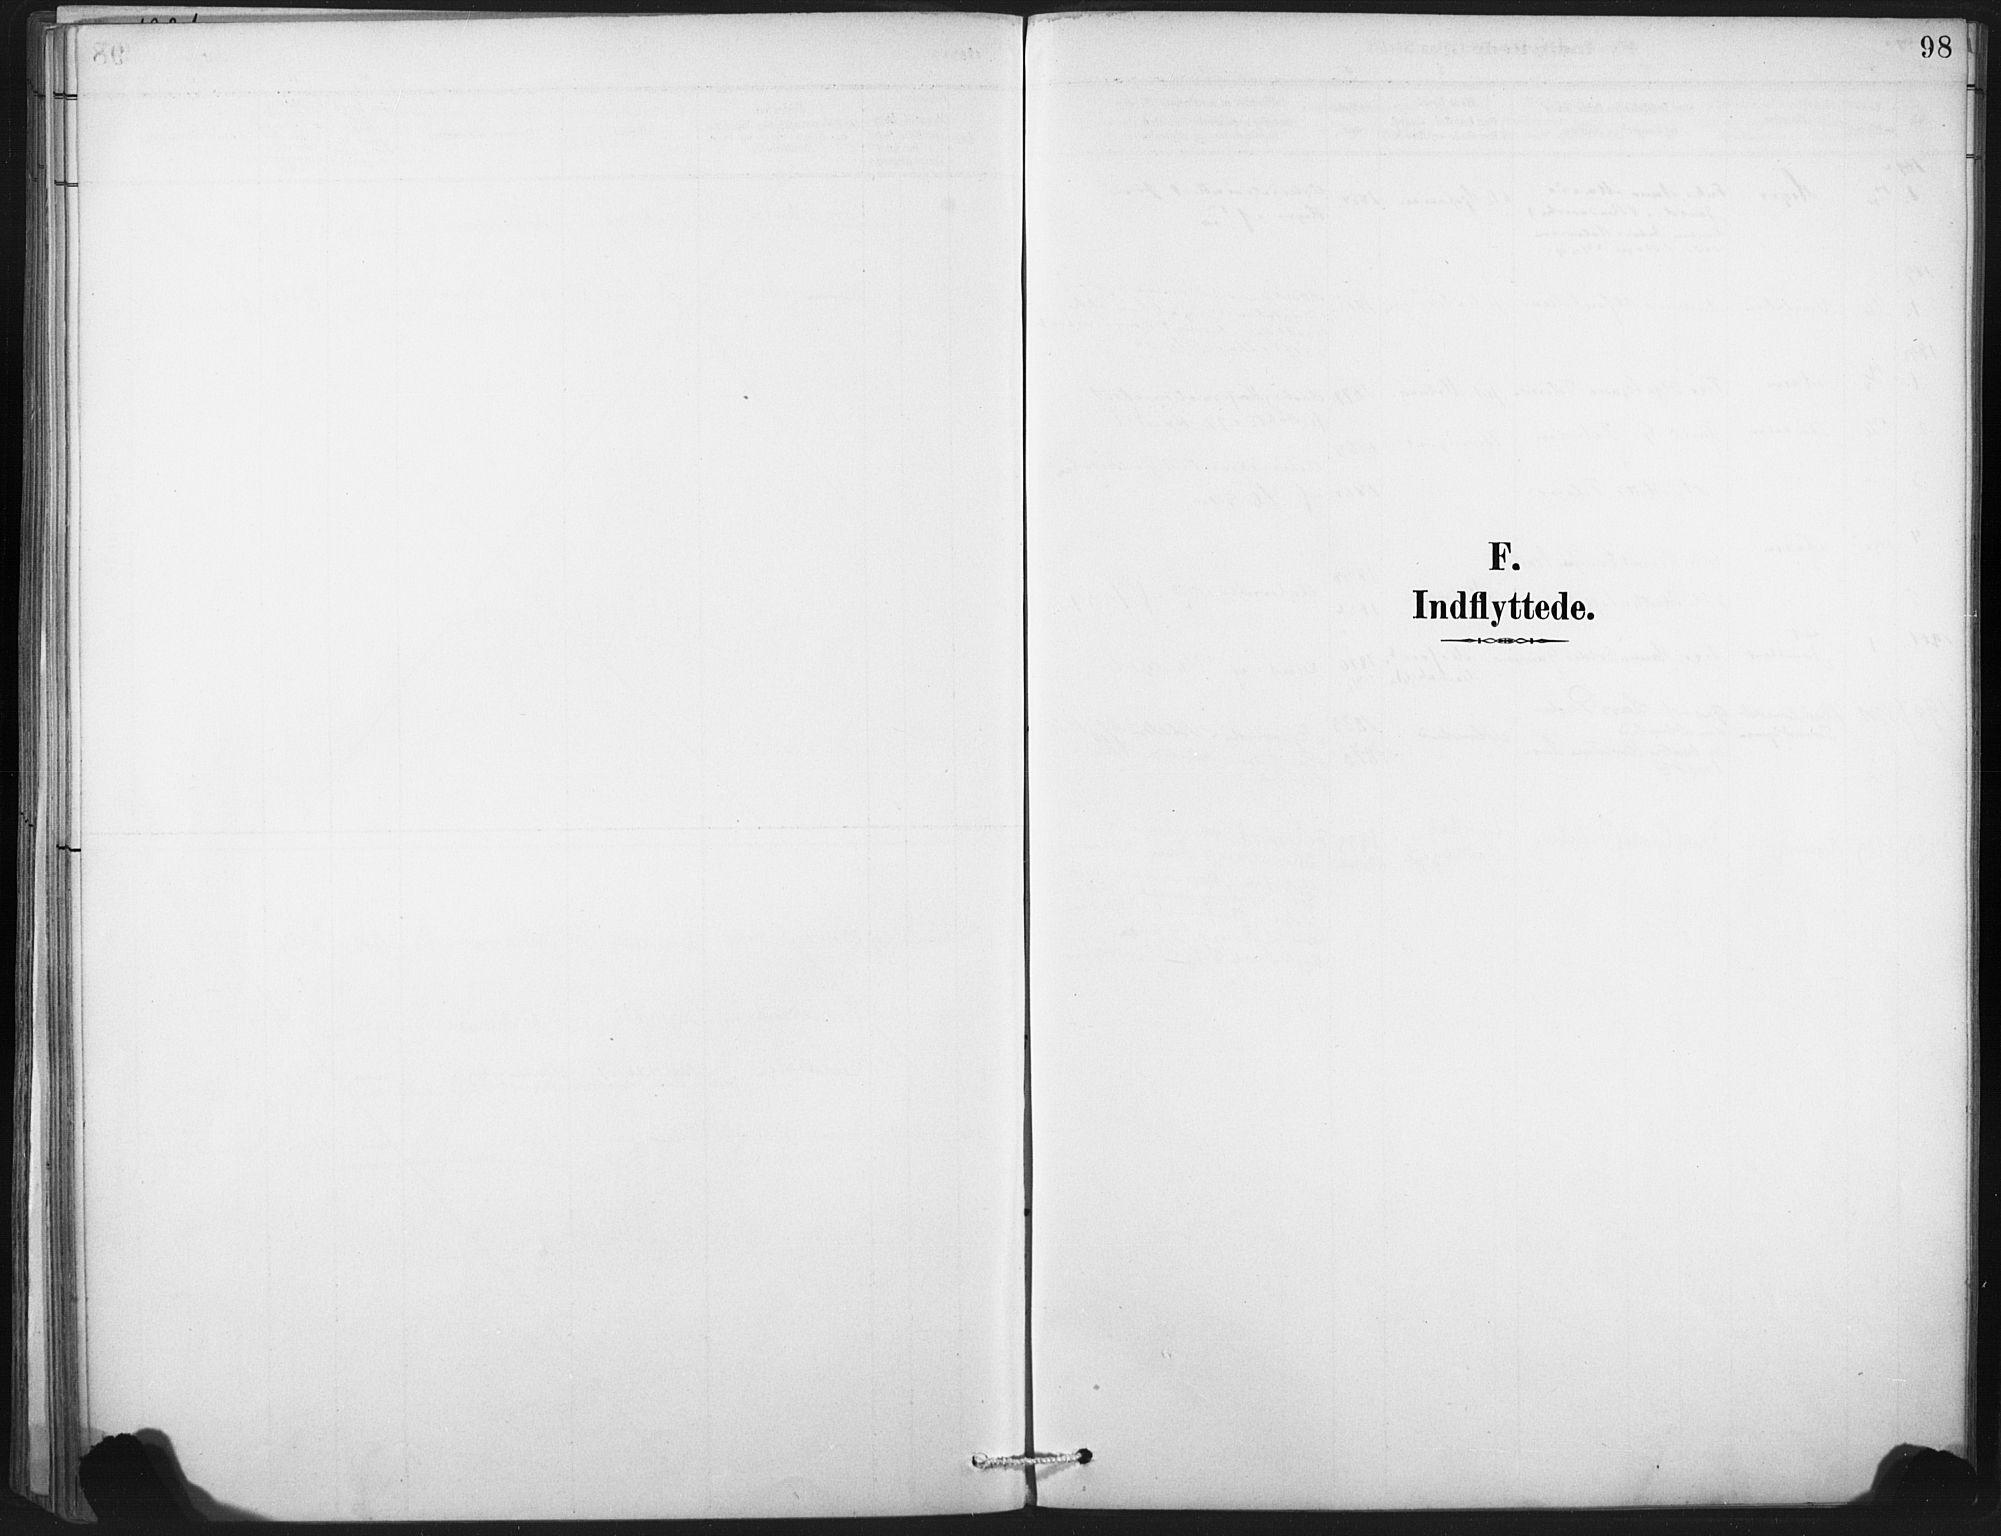 SAT, Ministerialprotokoller, klokkerbøker og fødselsregistre - Nord-Trøndelag, 718/L0175: Ministerialbok nr. 718A01, 1890-1923, s. 98